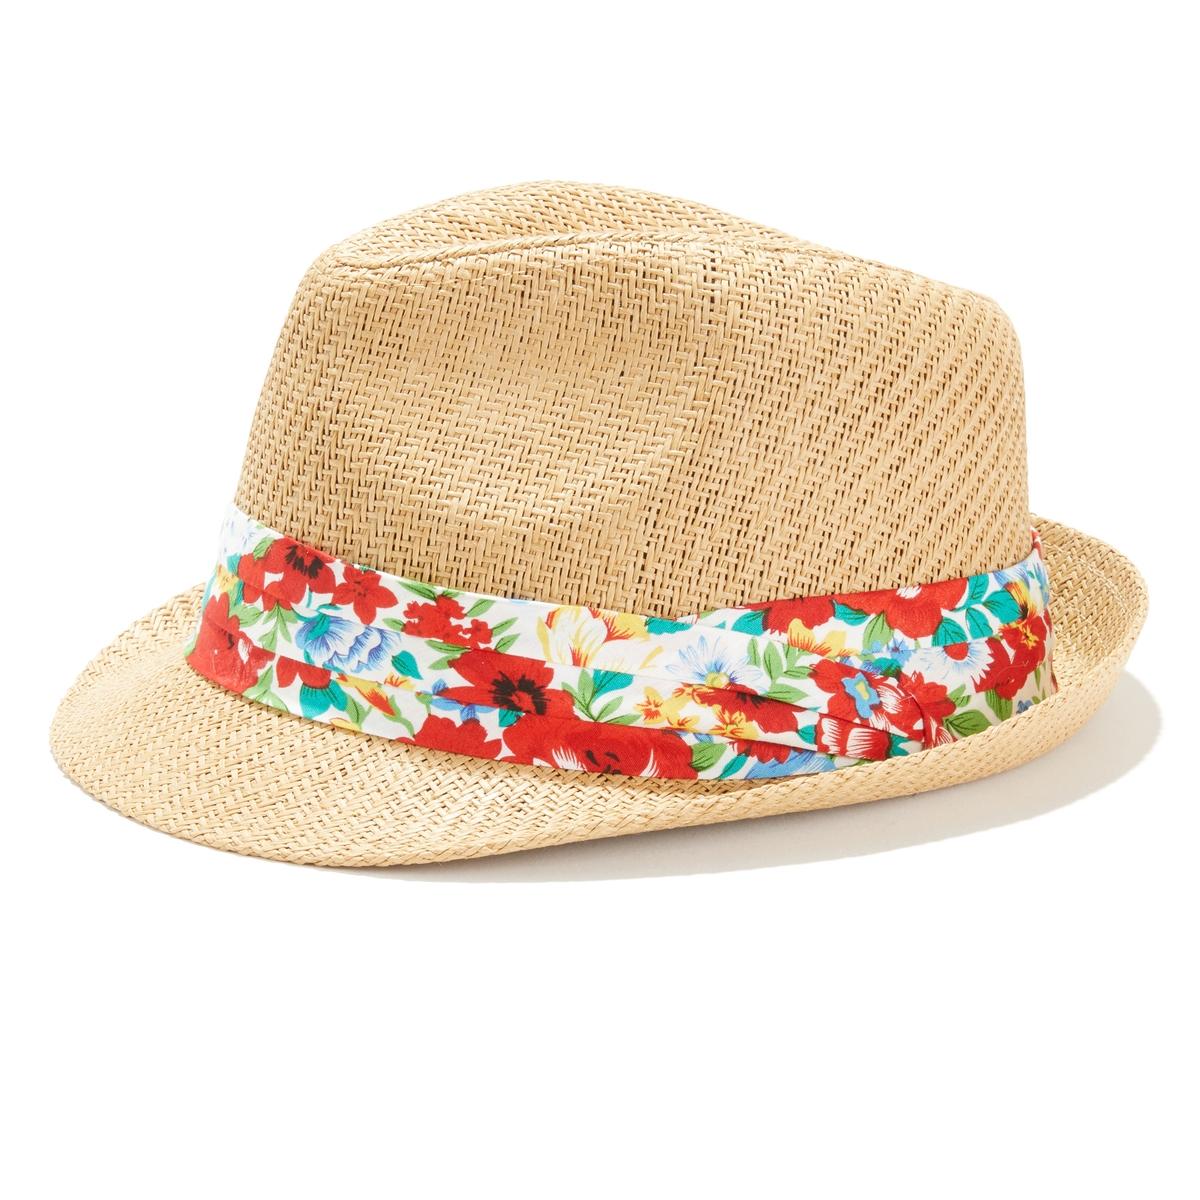 Шляпа La Redoute С тесьмой с цветочным рисунком UNI бежевый ковер la redoute горизонтального плетения с рисунком цементная плитка iswik 120 x 170 см бежевый